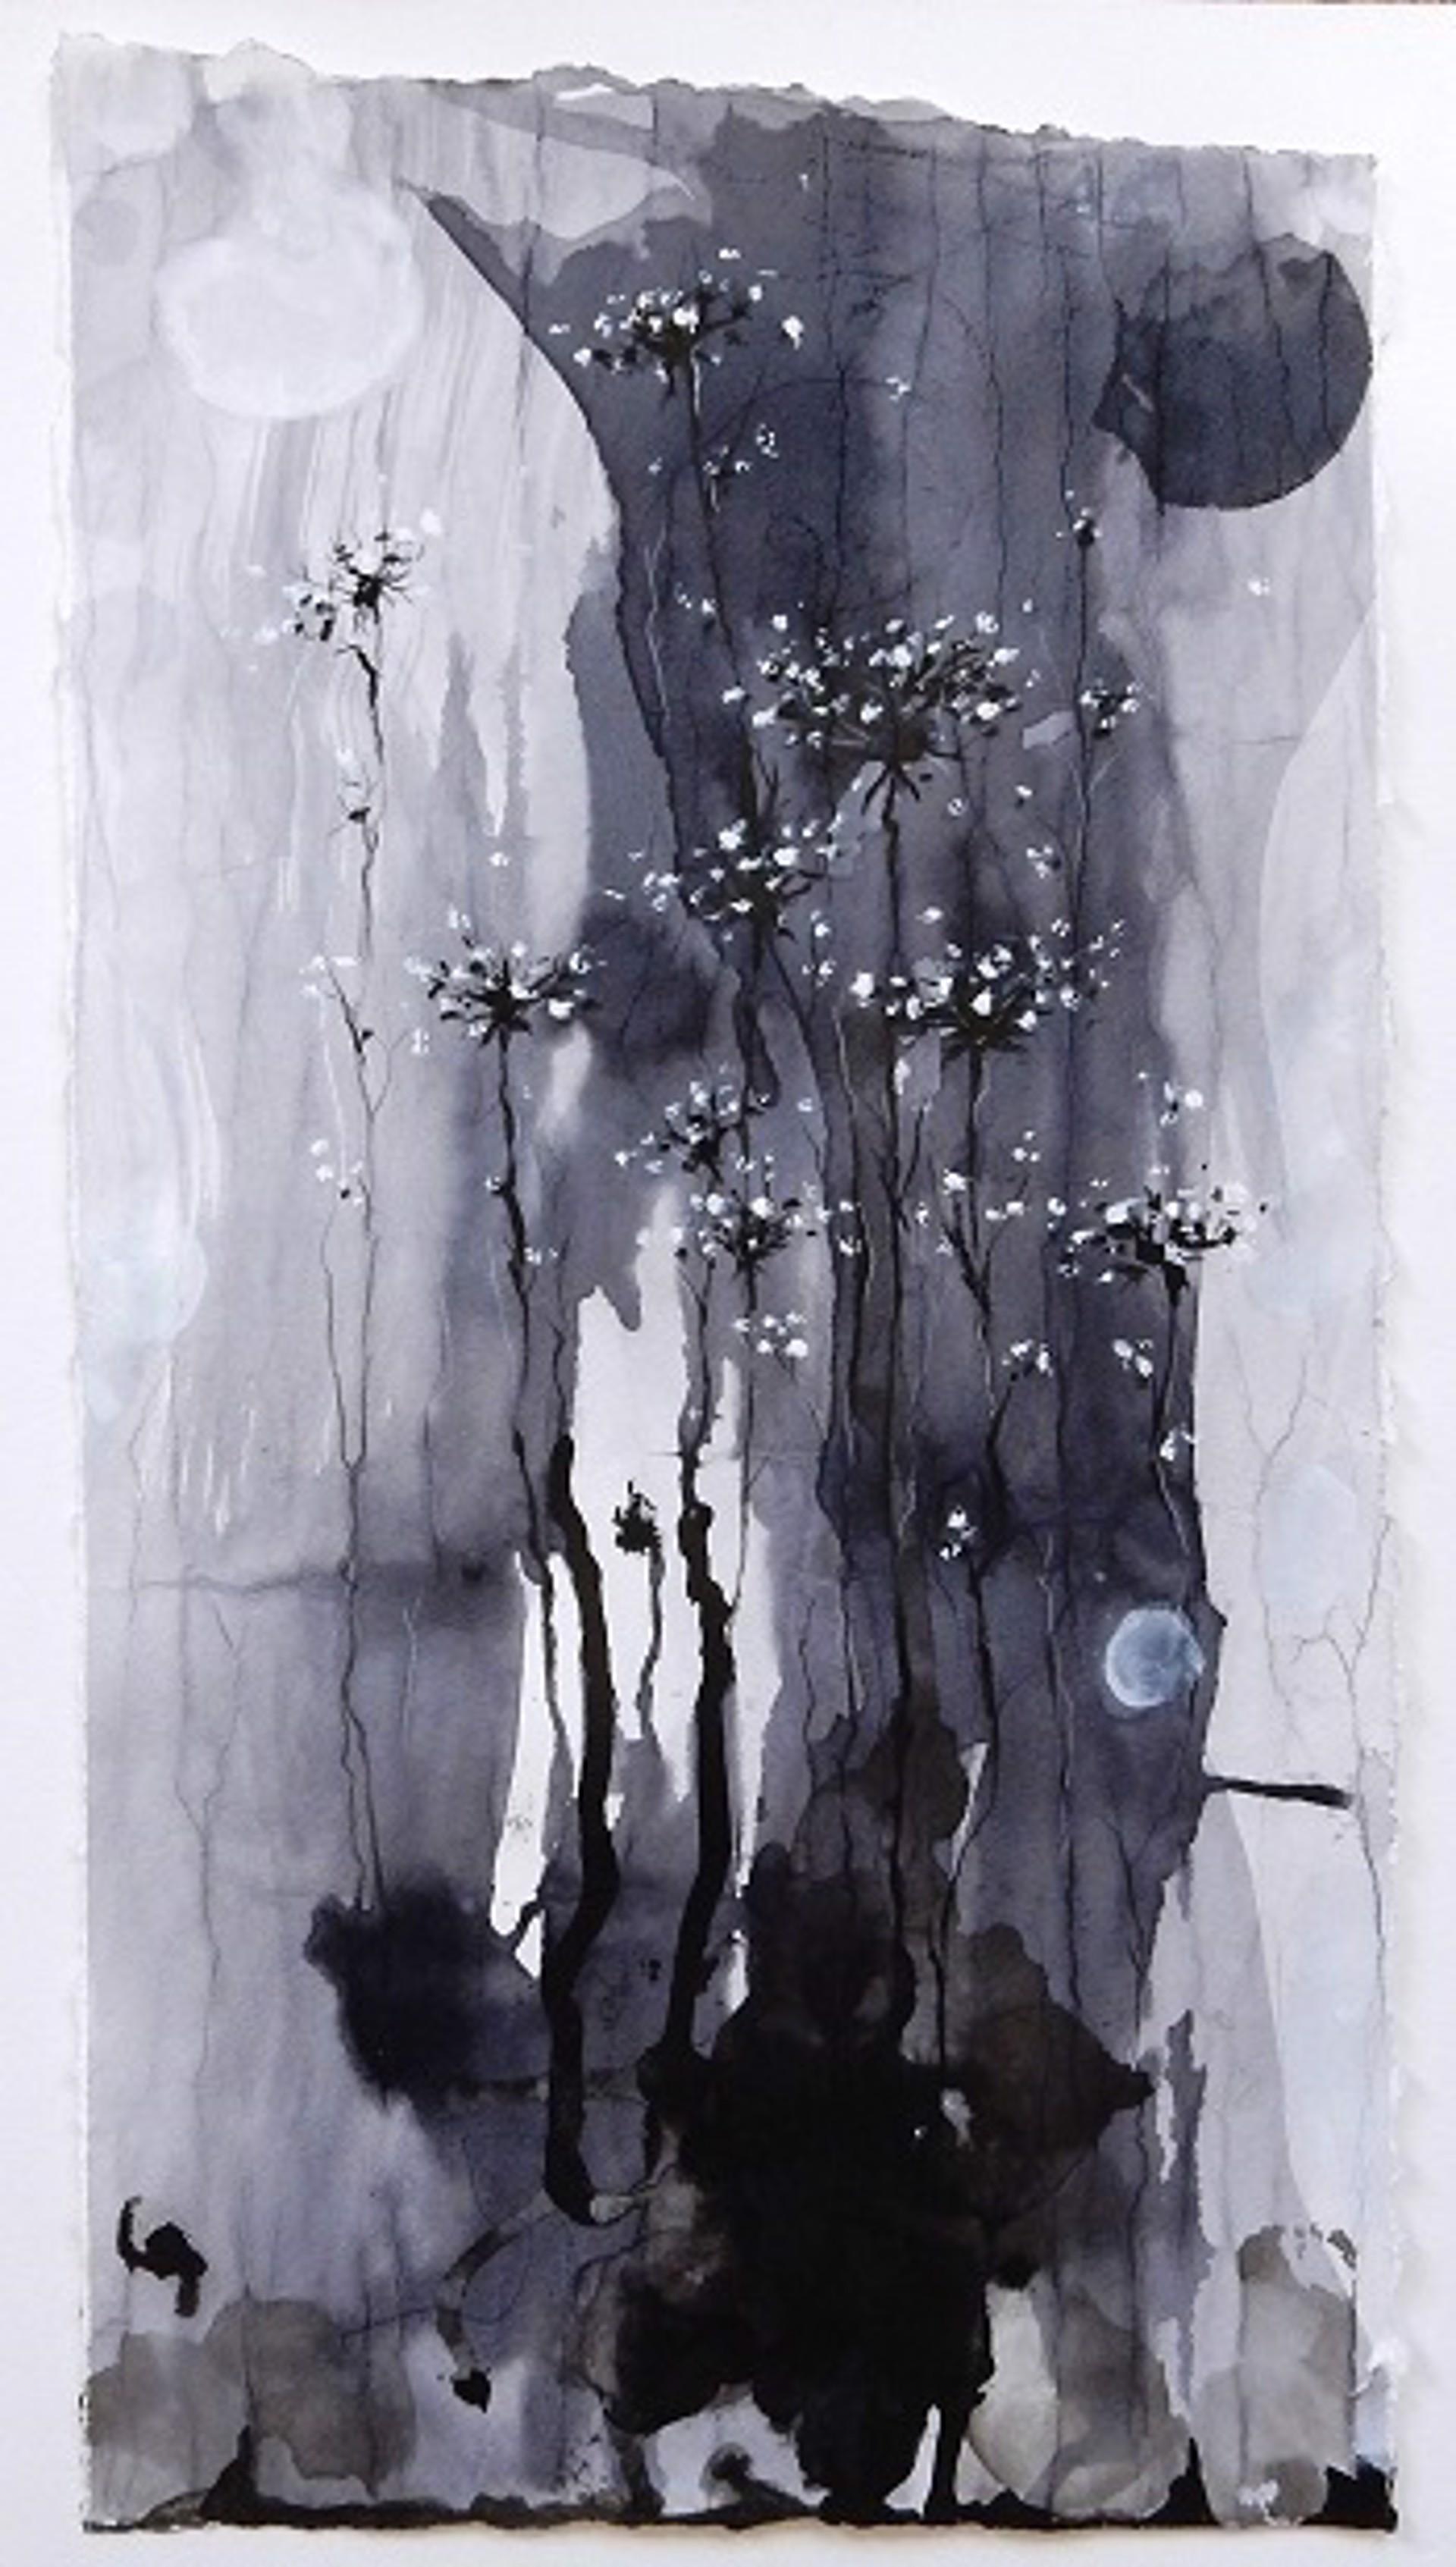 Lace Moon by Julia Mae Bancroft